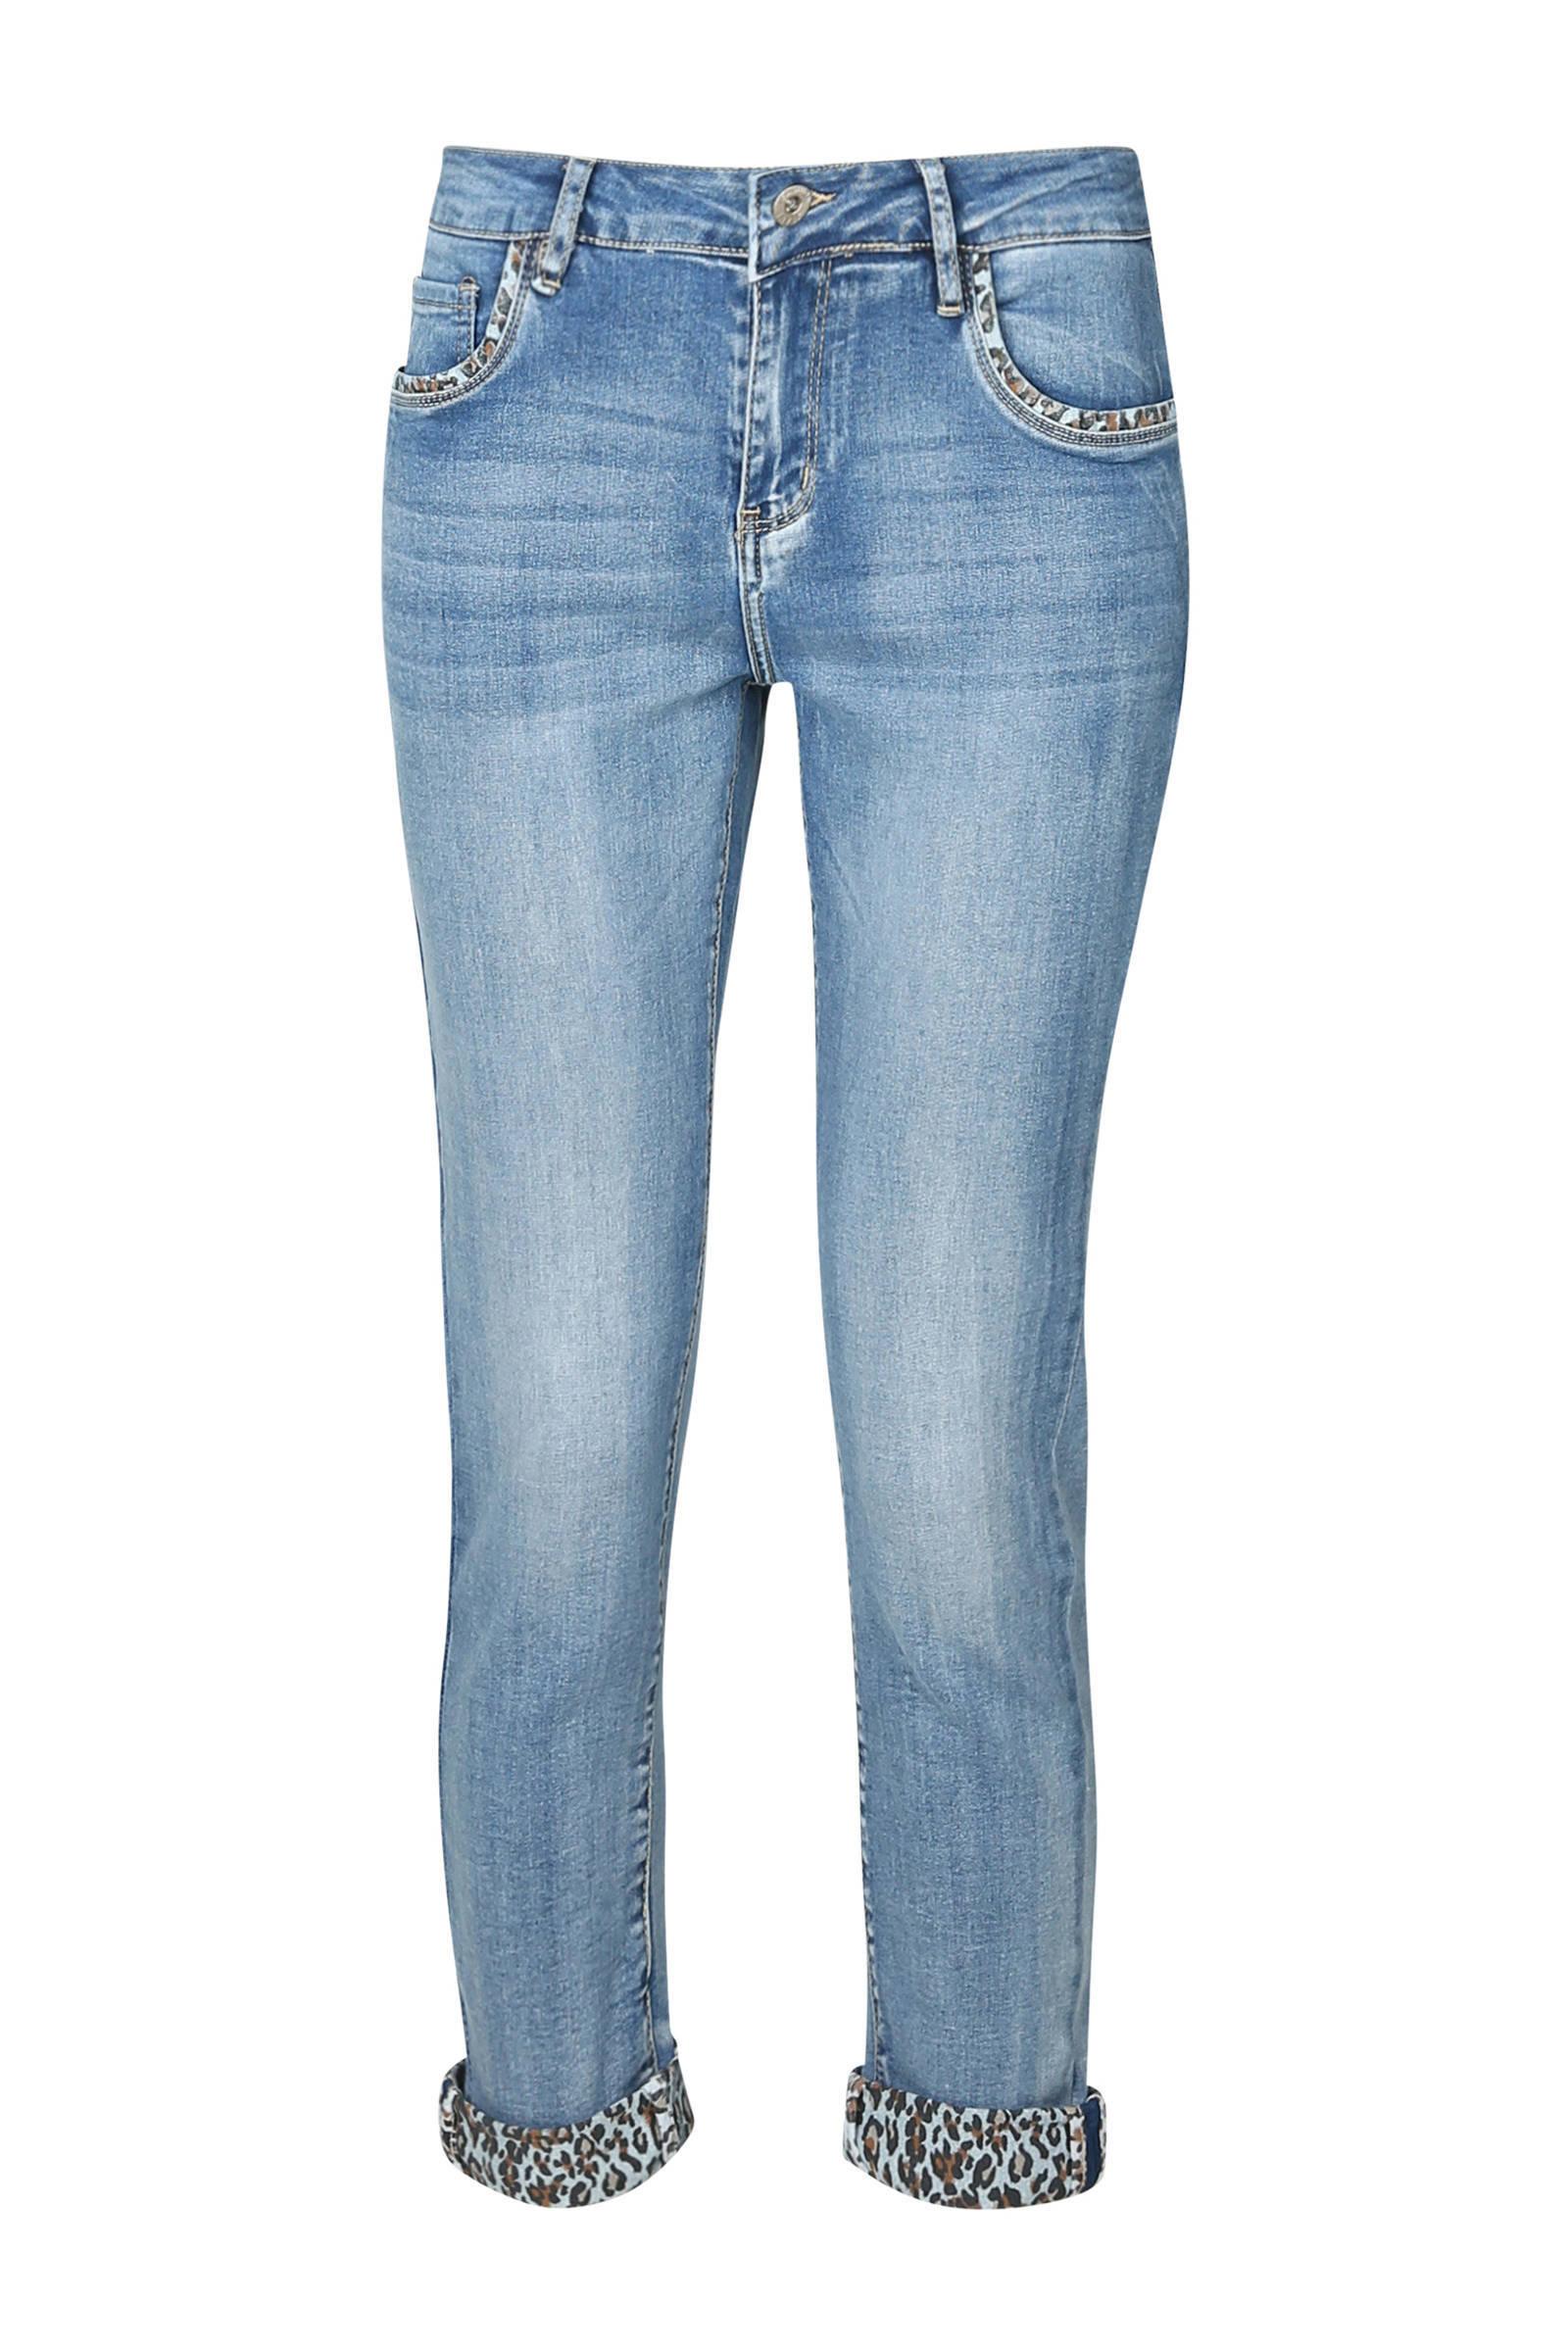 korte broeken dames sale